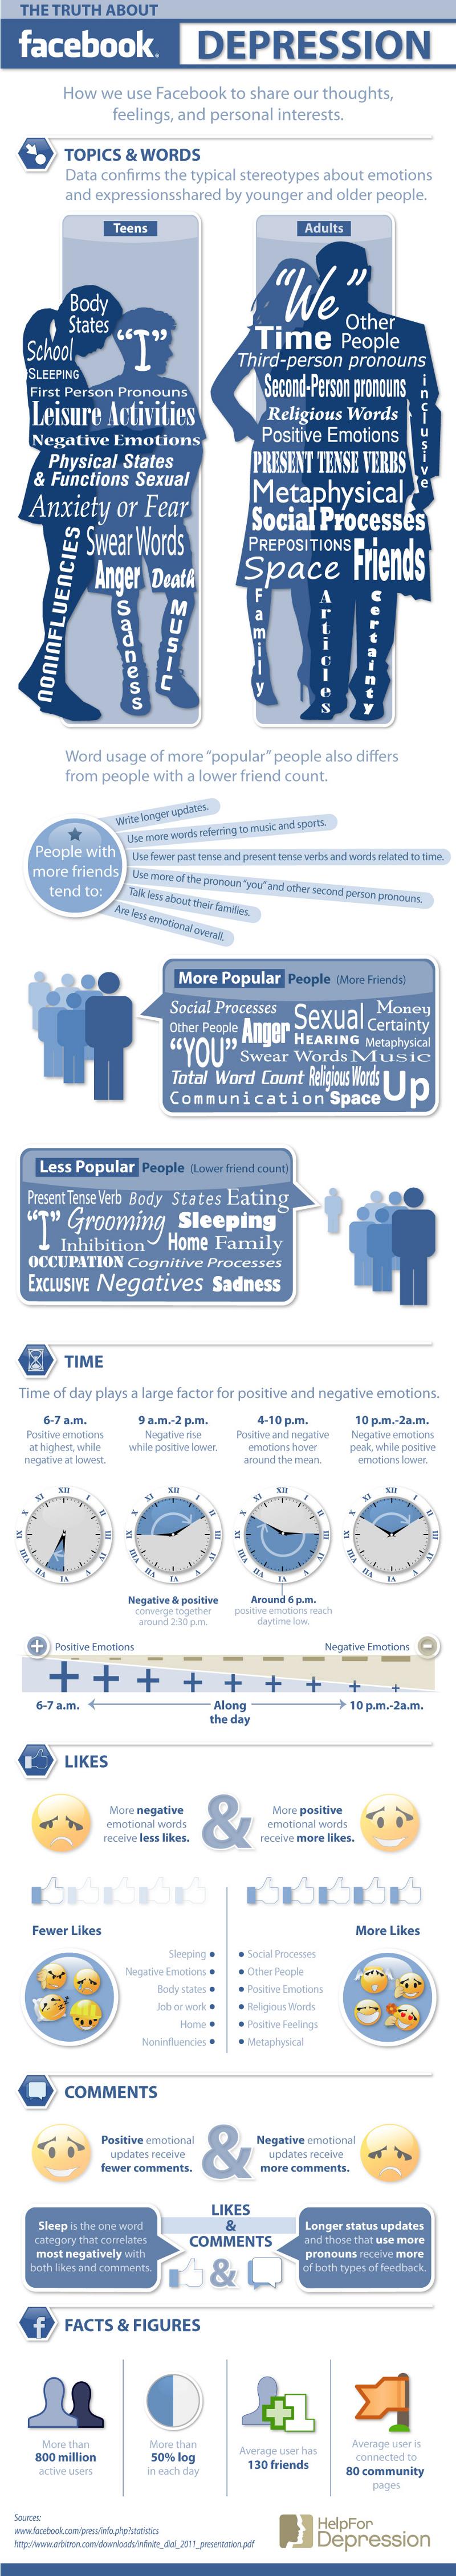 Facebook-to-Convey-Depression